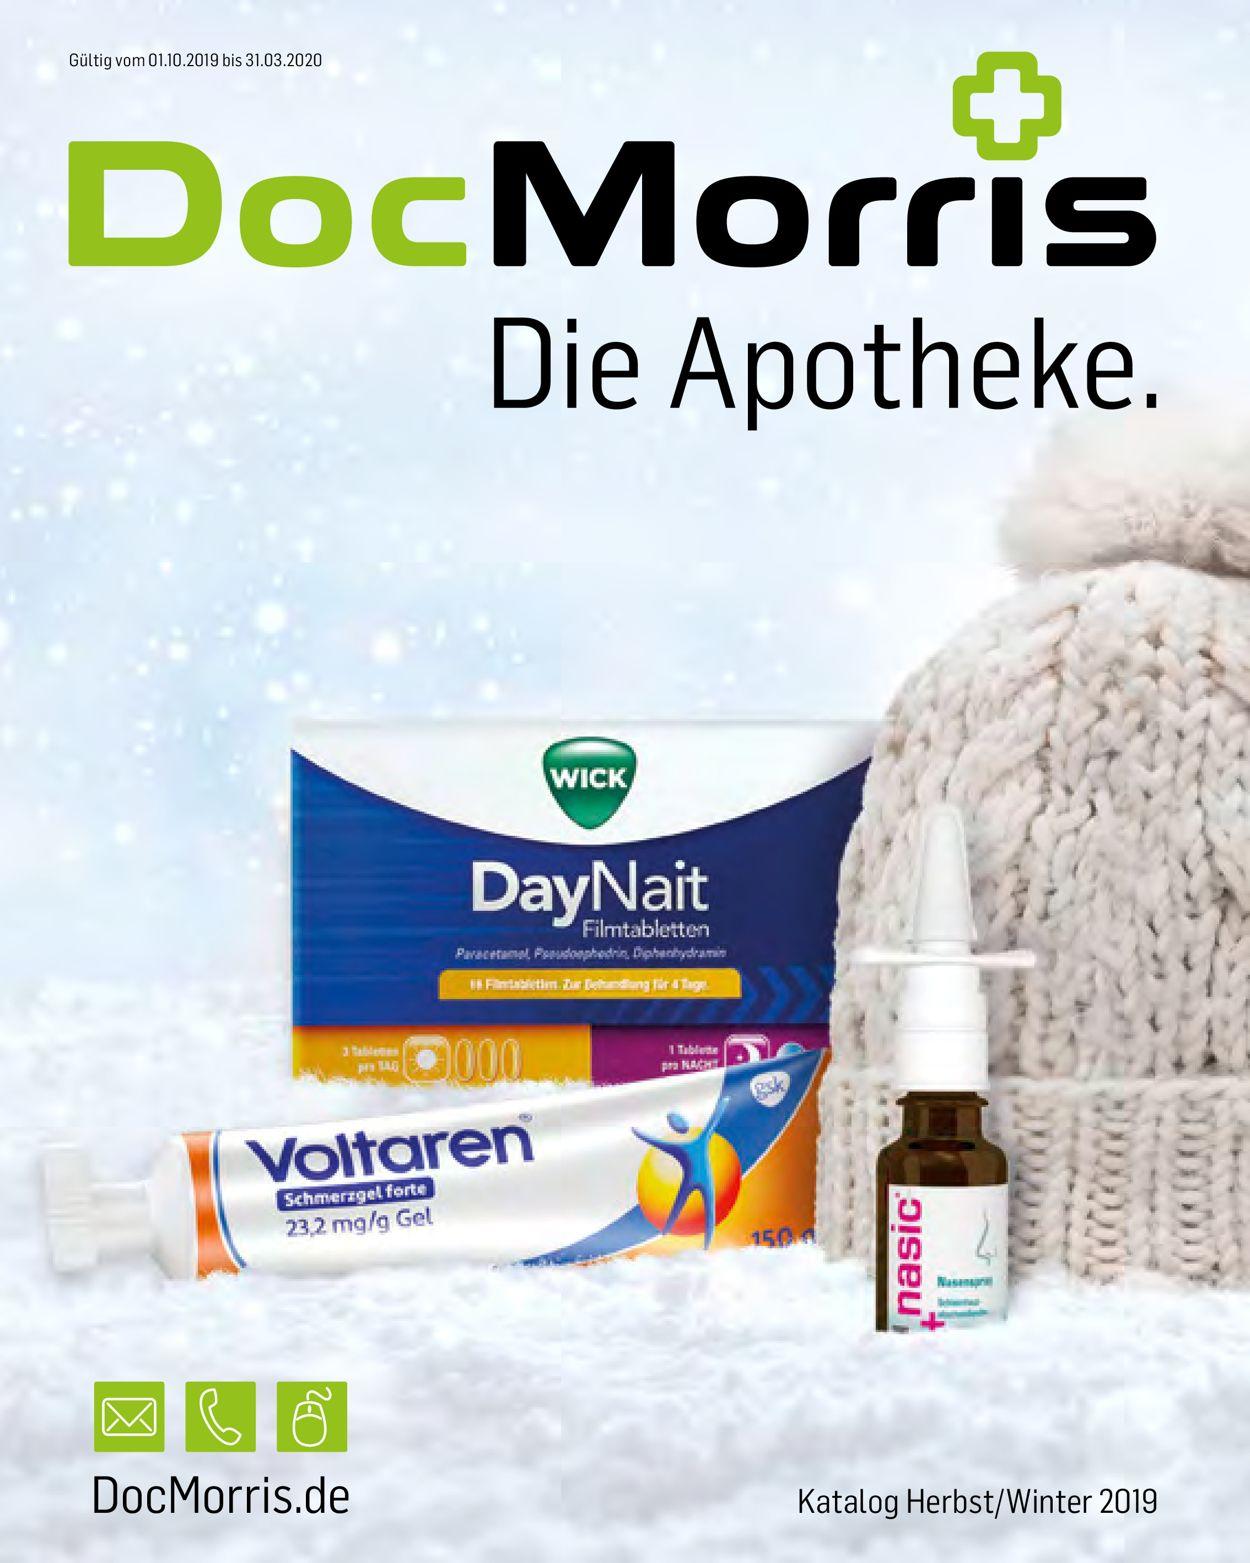 Doc Morris Aktie